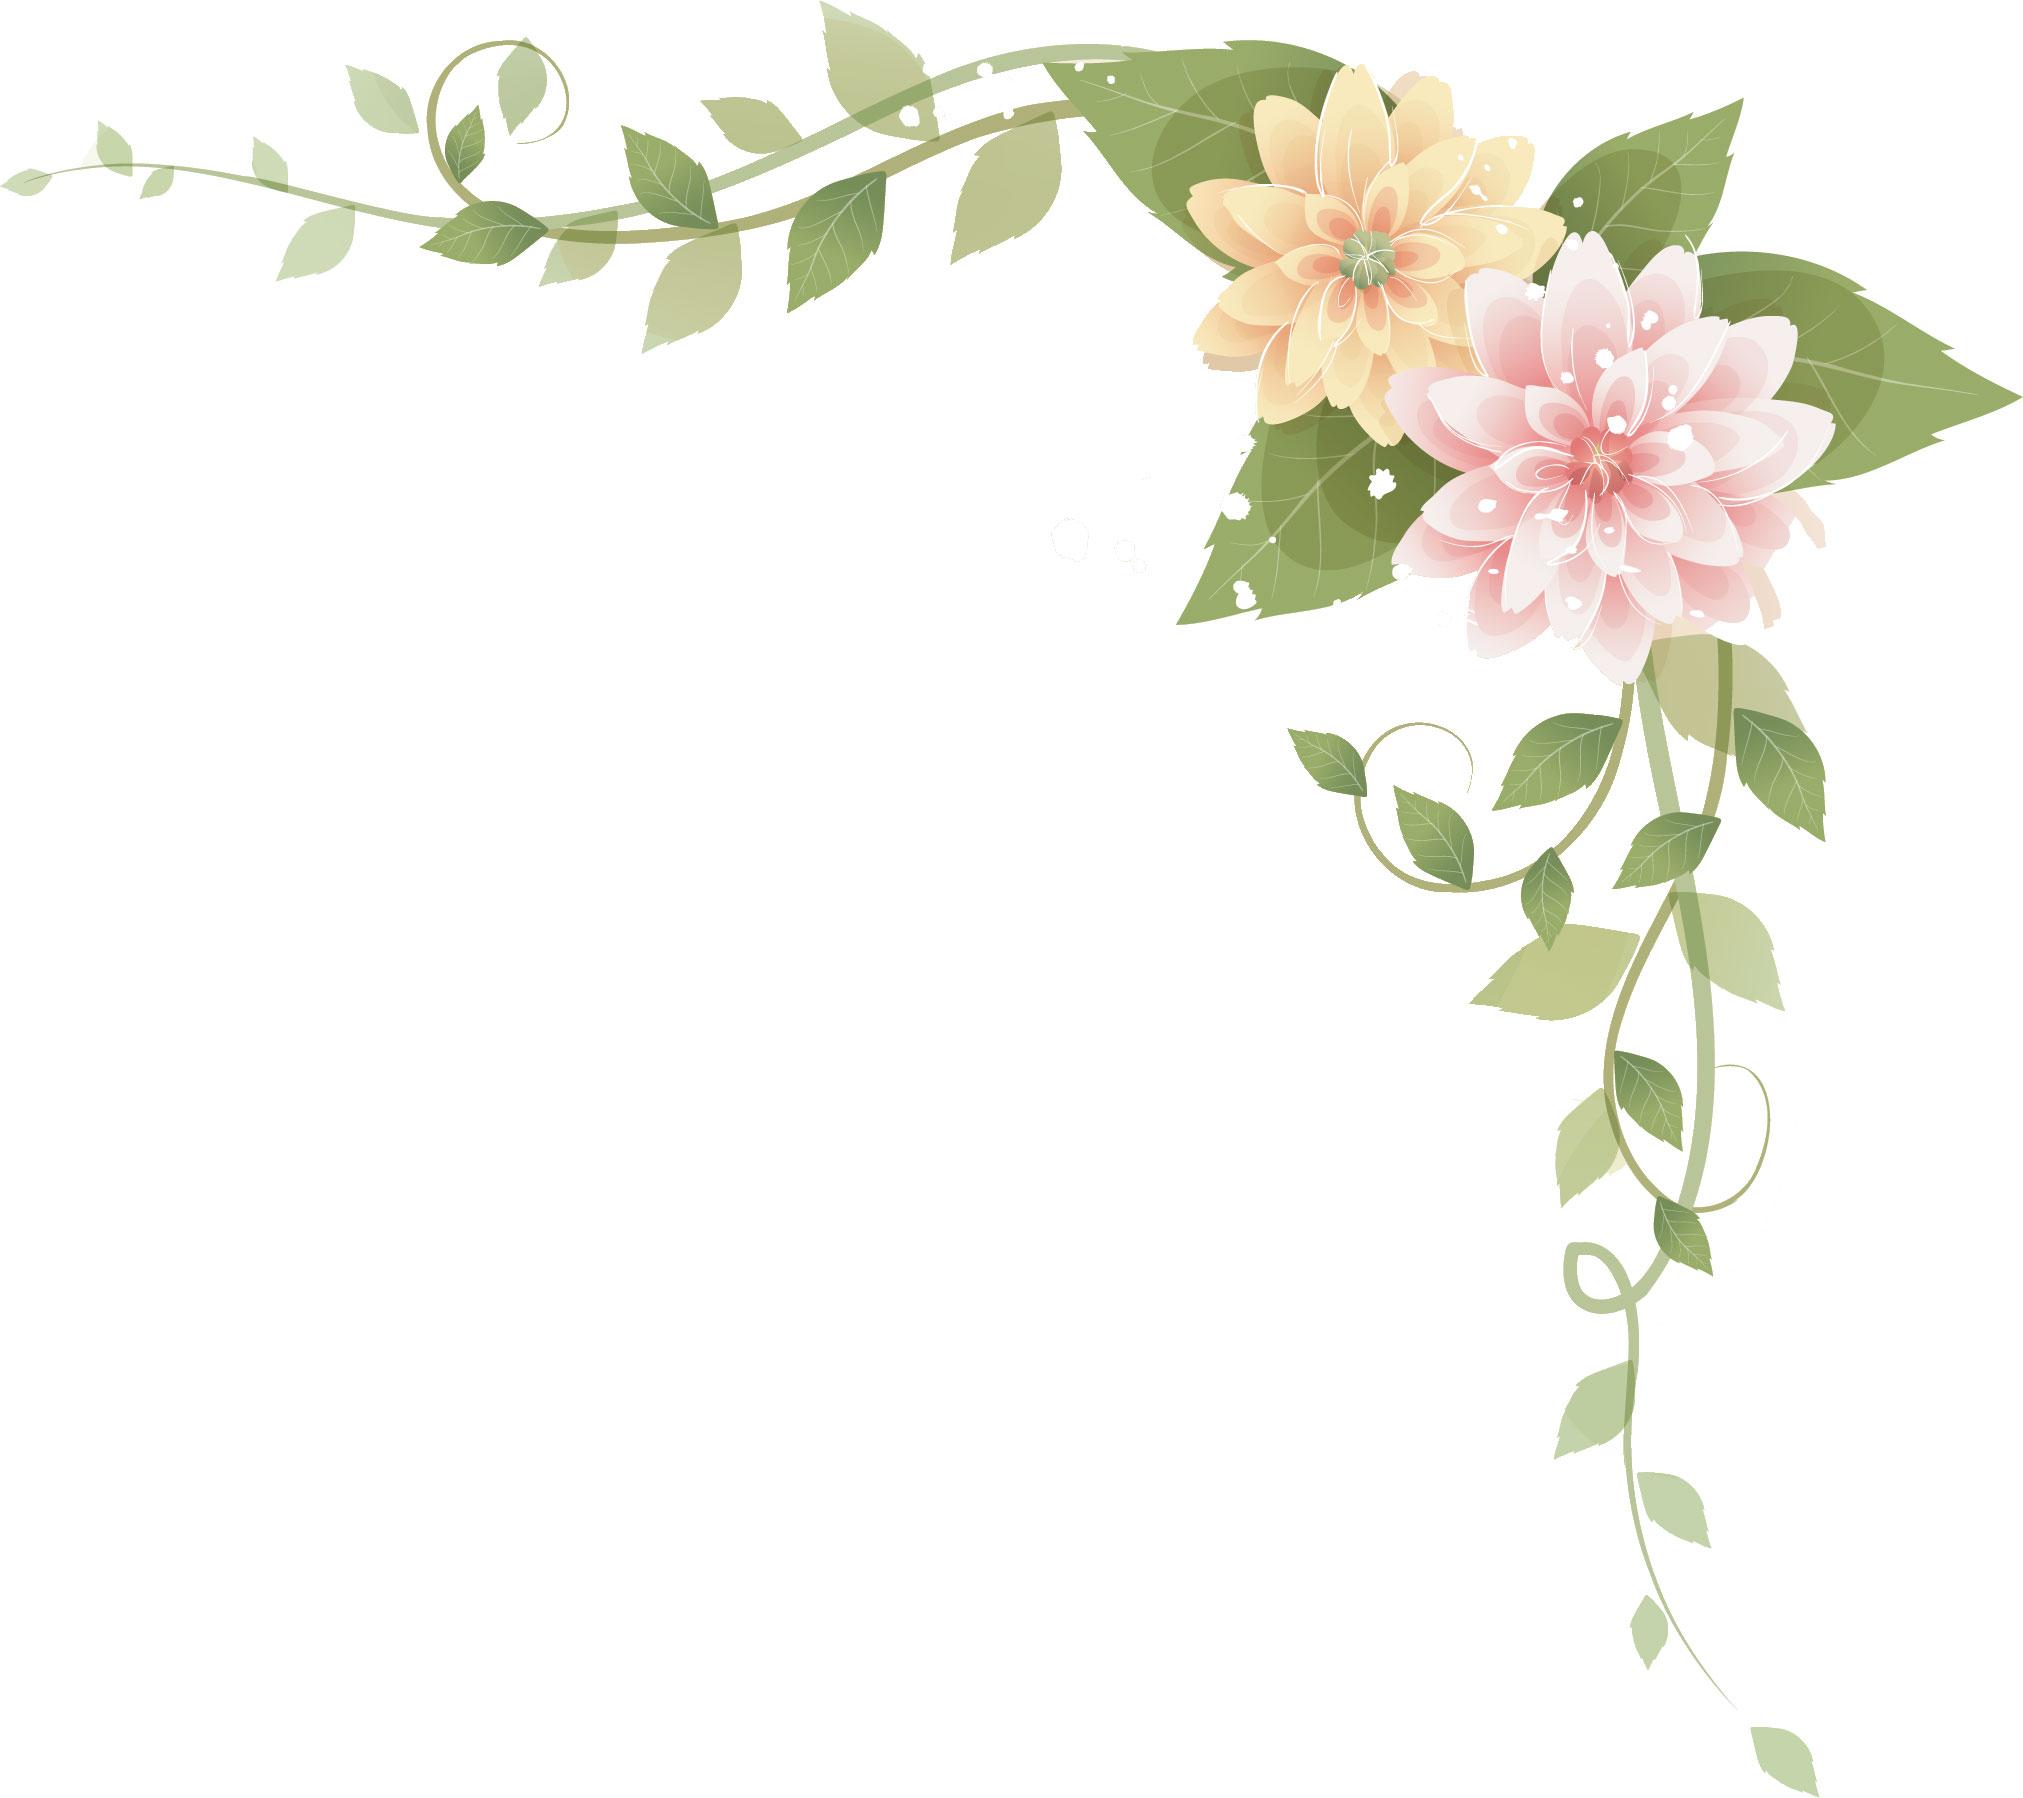 秋の花のイラスト・画像/無料のフリー素材集【百花繚乱】